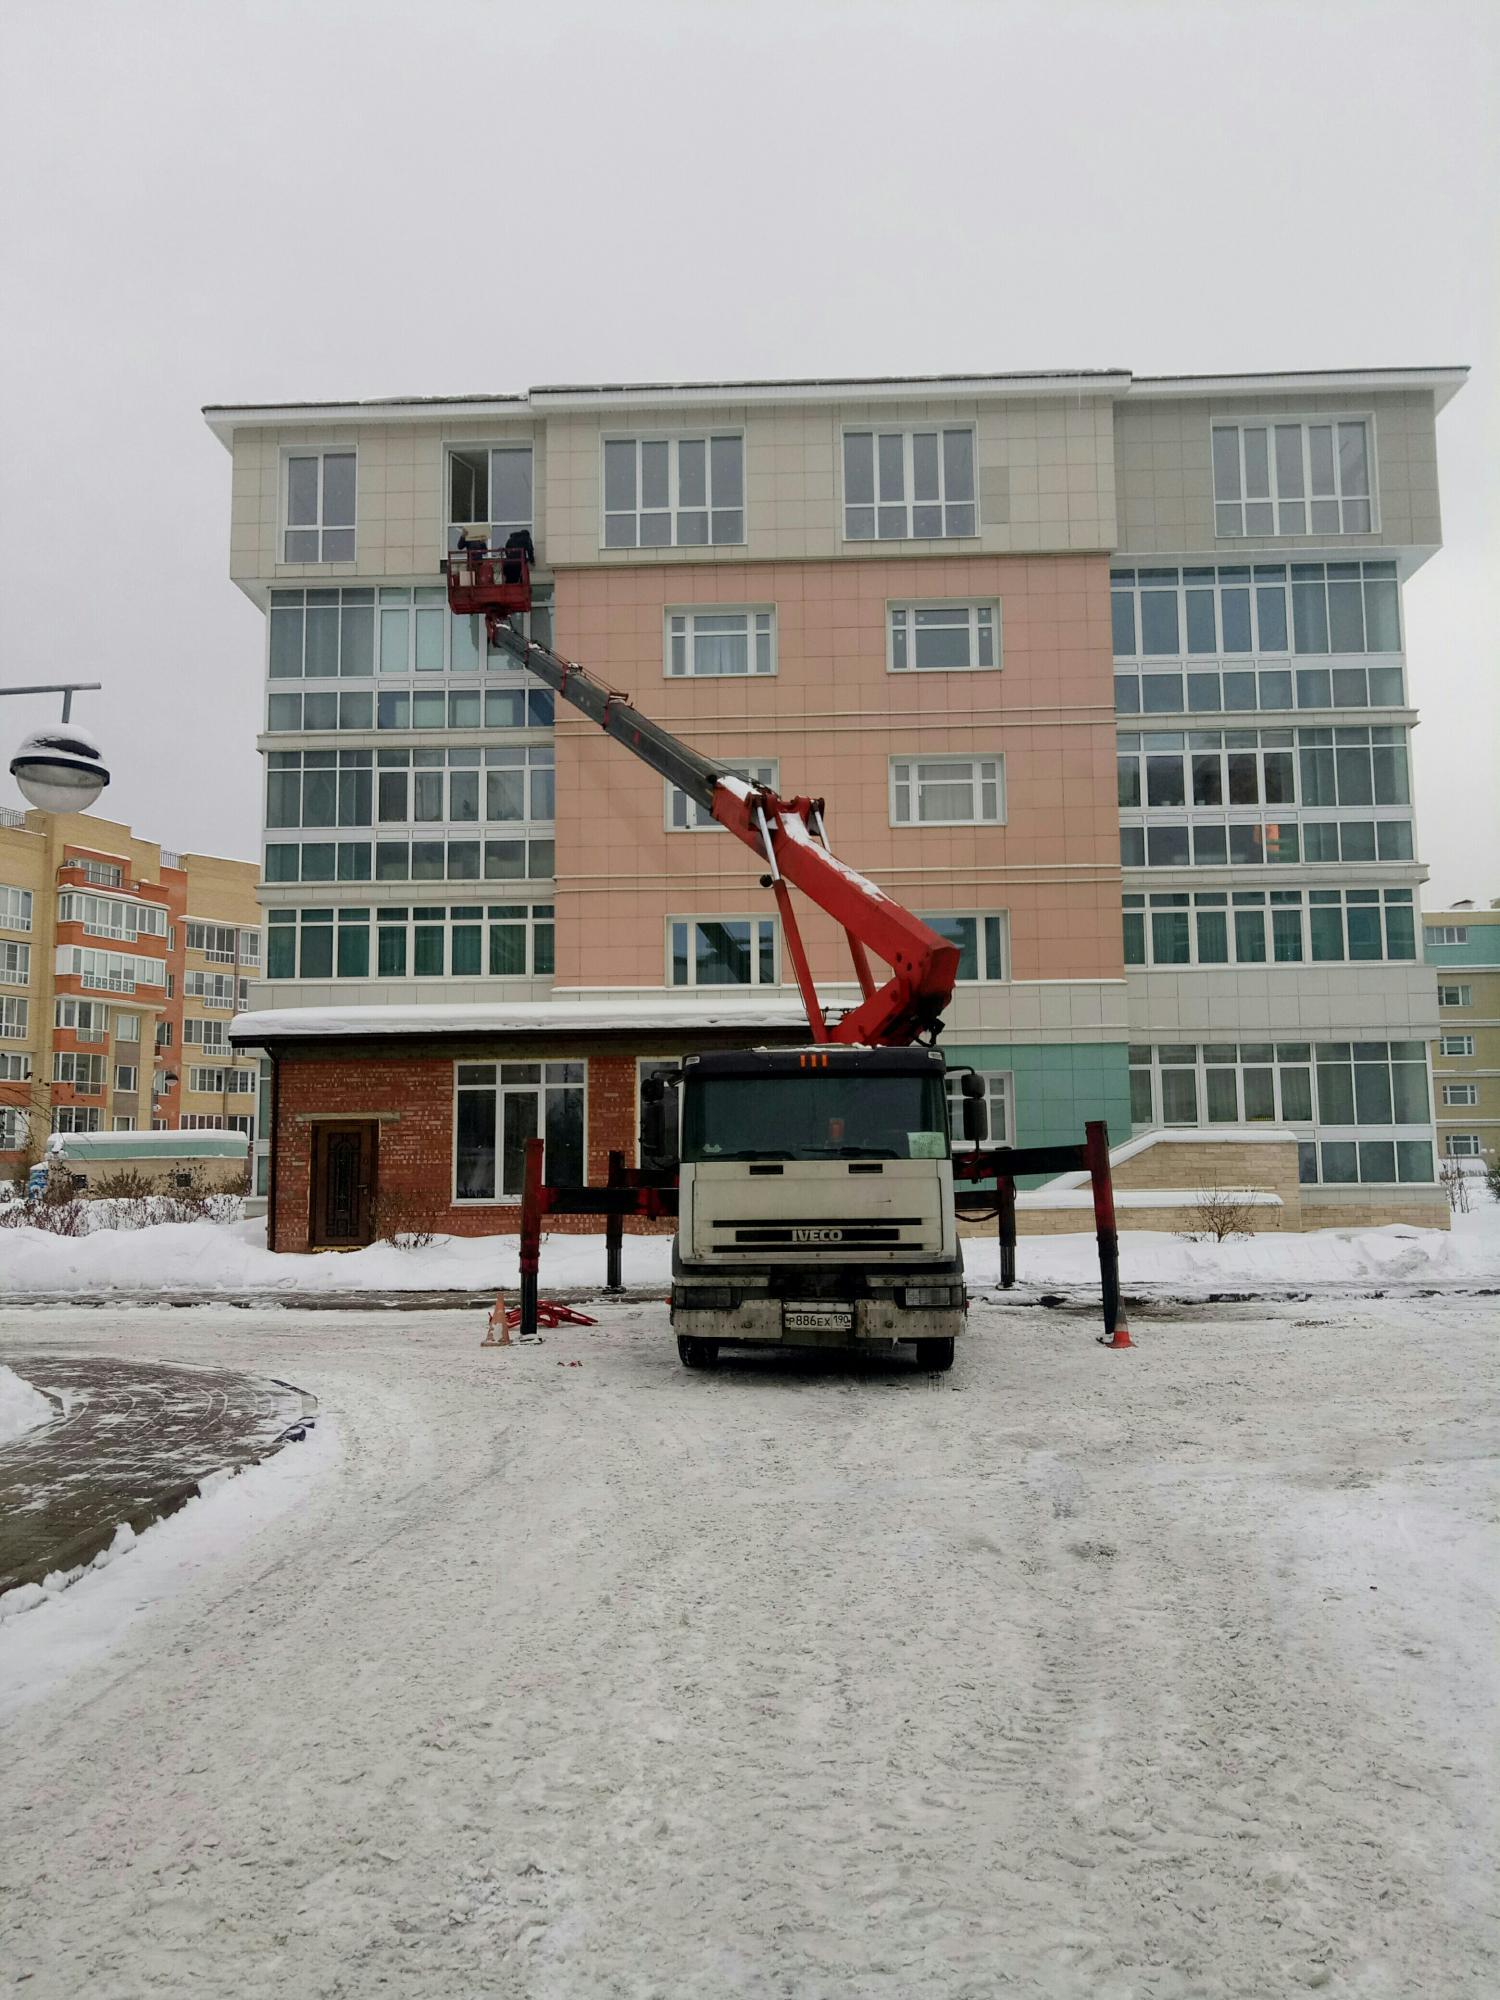 Аренда Автовышки и Машины Прикрытия в Москве